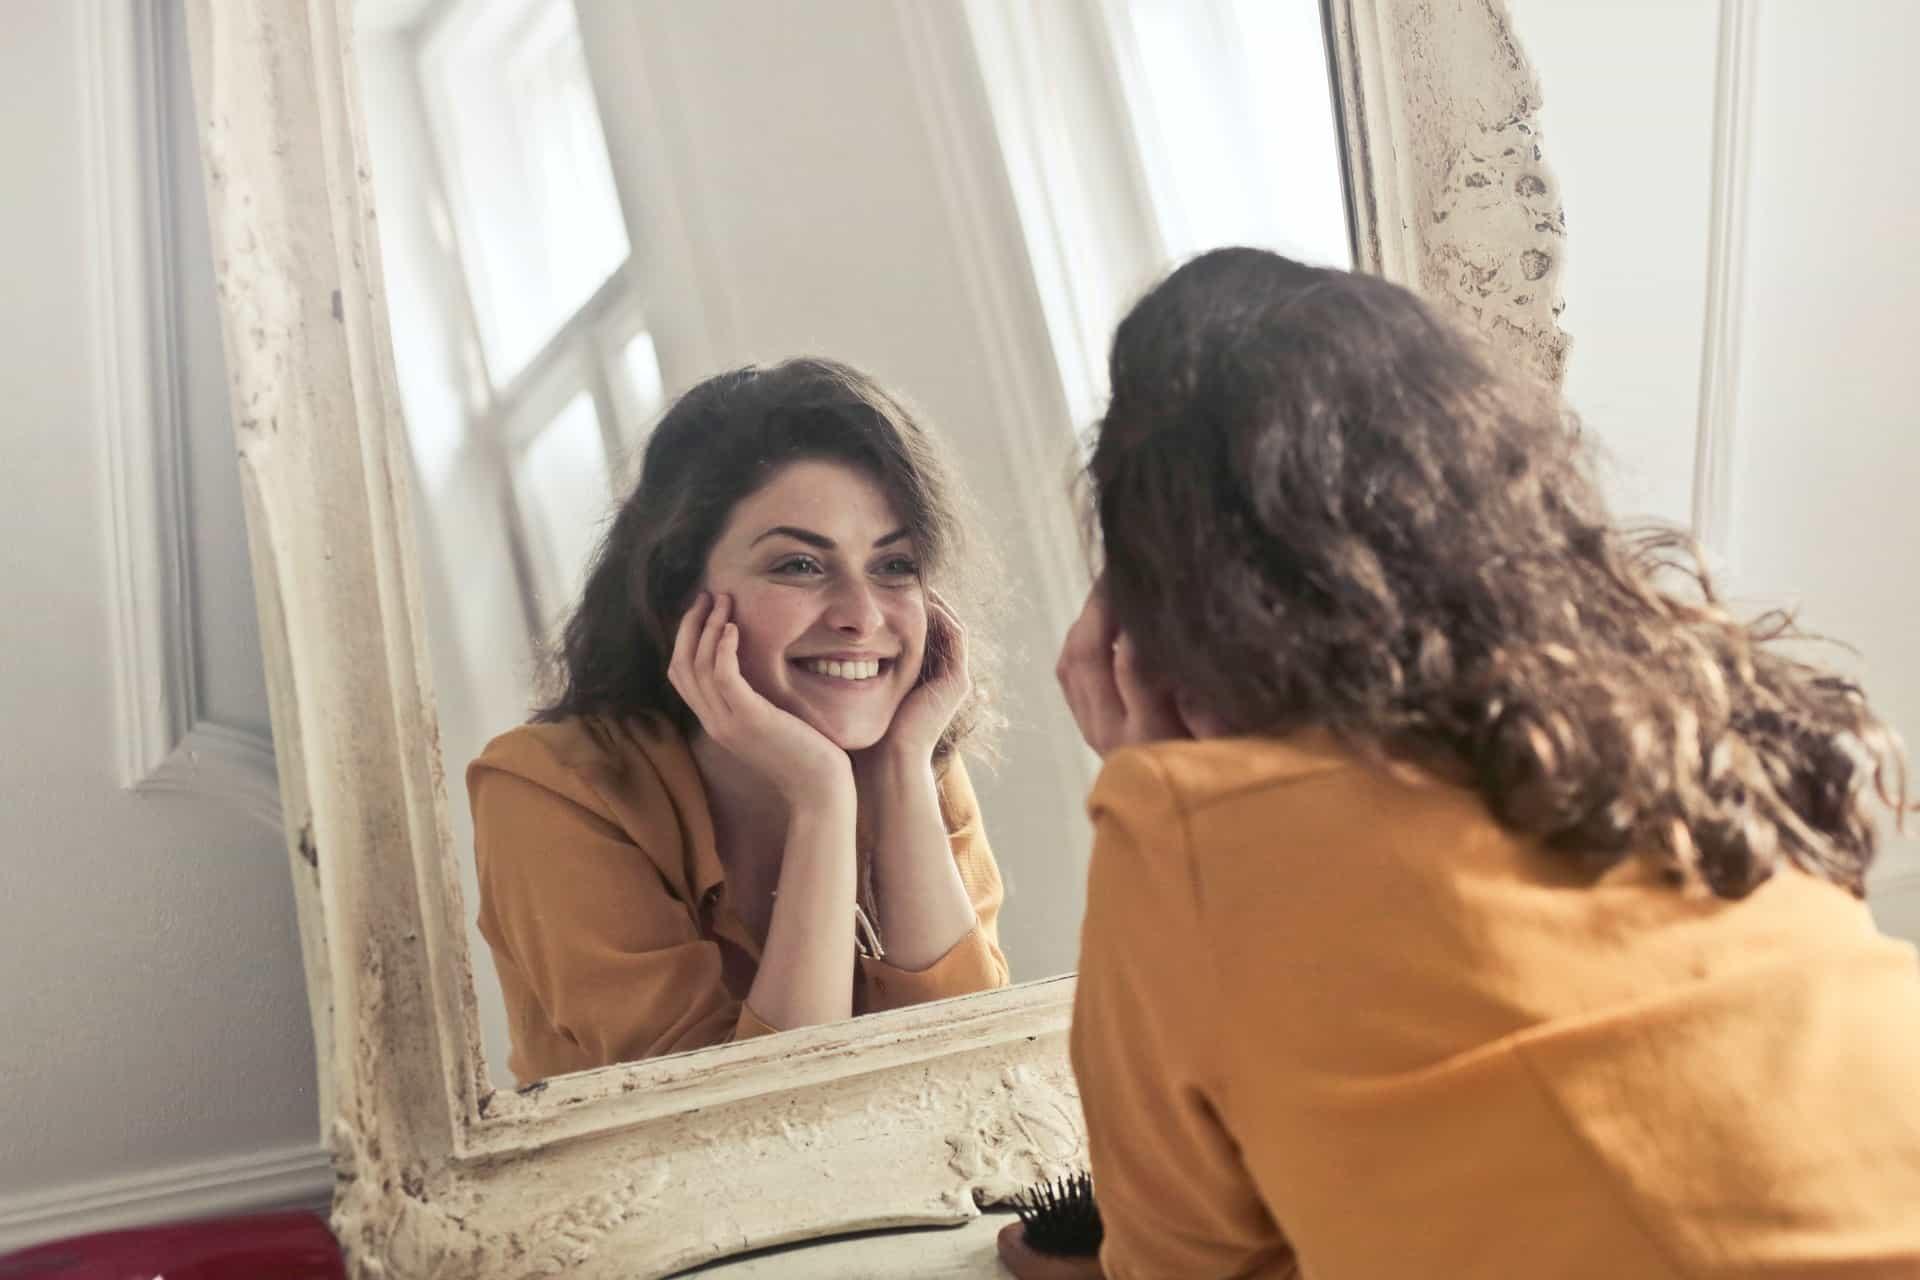 Amour de soi : exercice du miroir